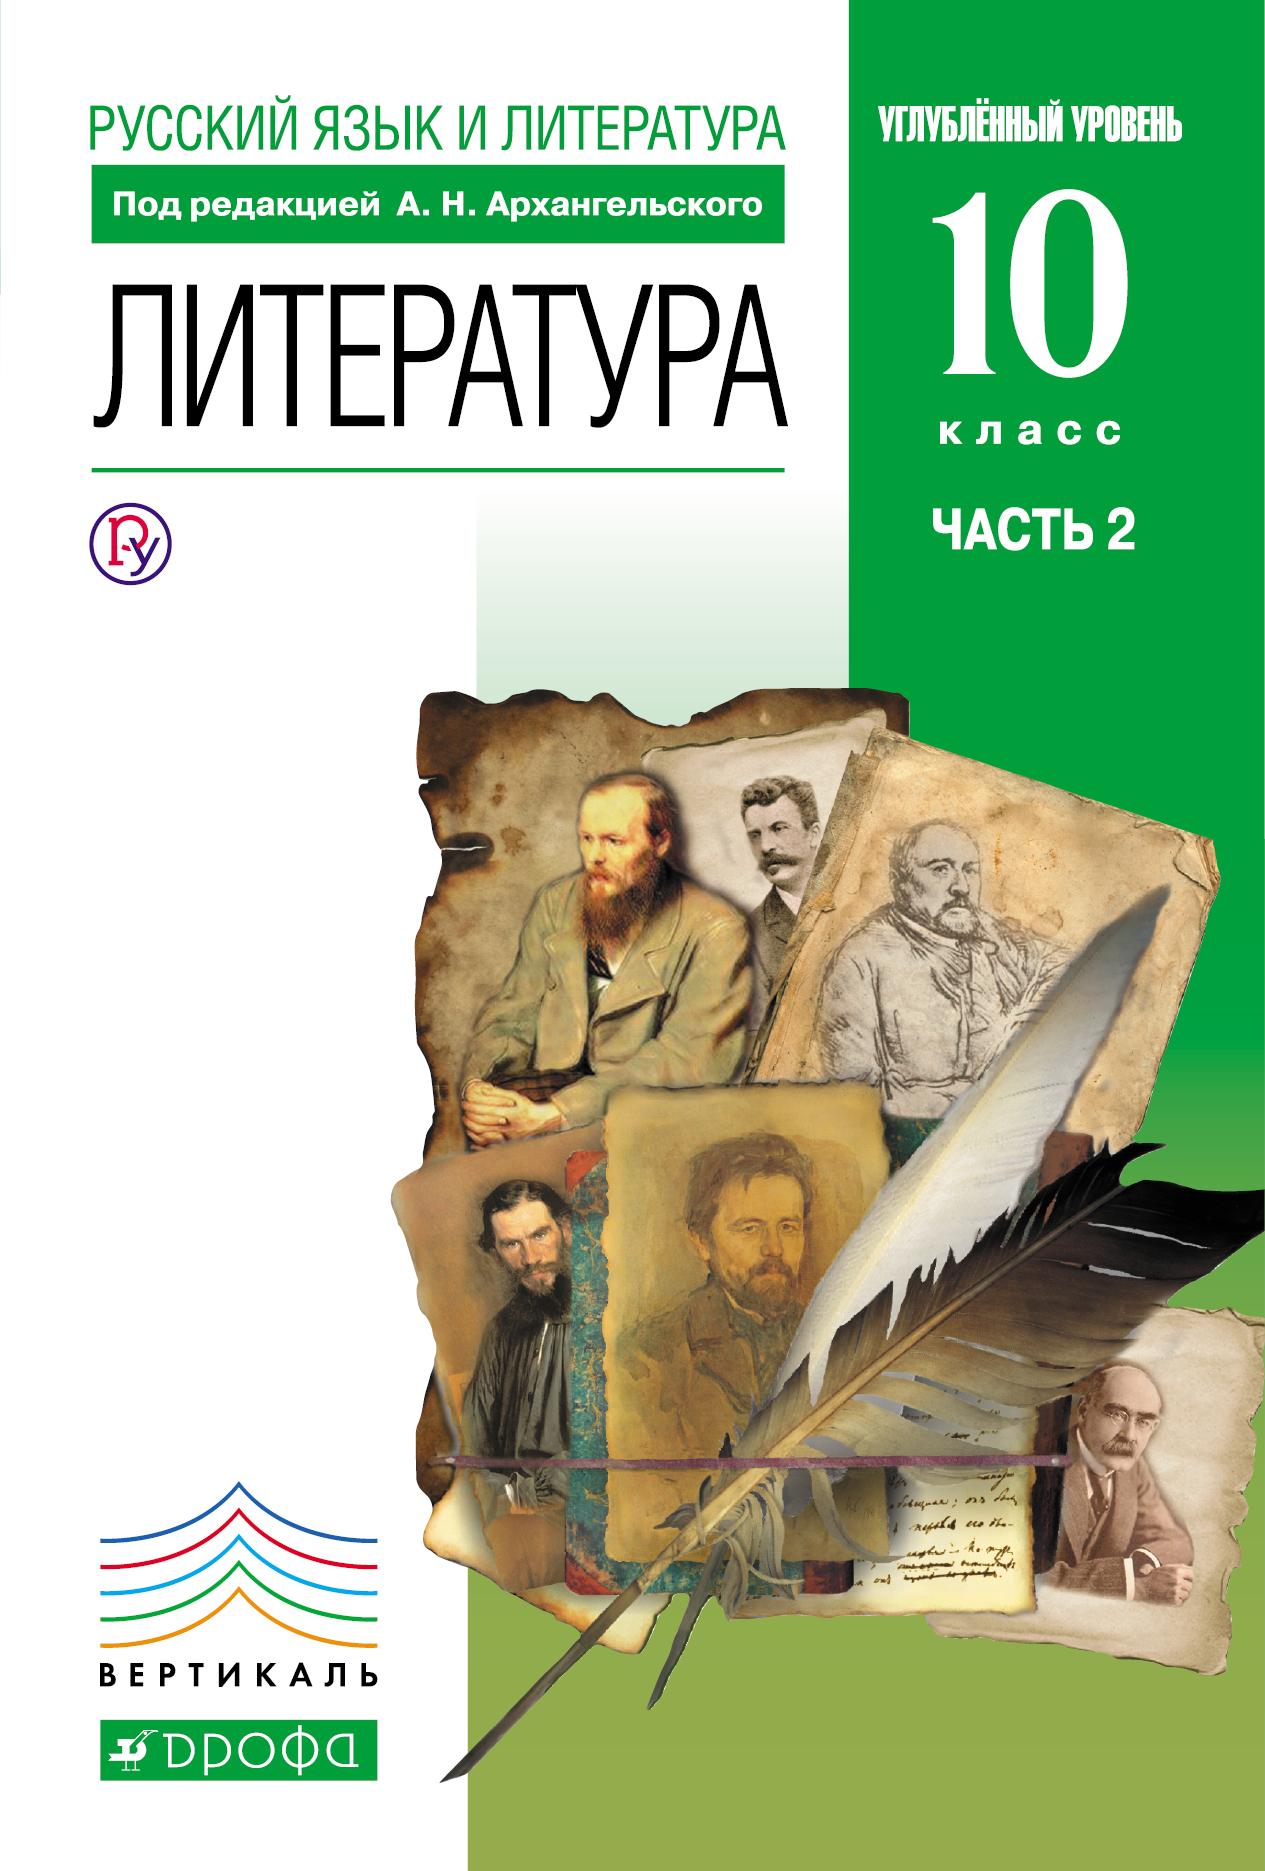 Литература 10 класс. В 2 частях Ч. 2 ( Архангельский А.Н.  )